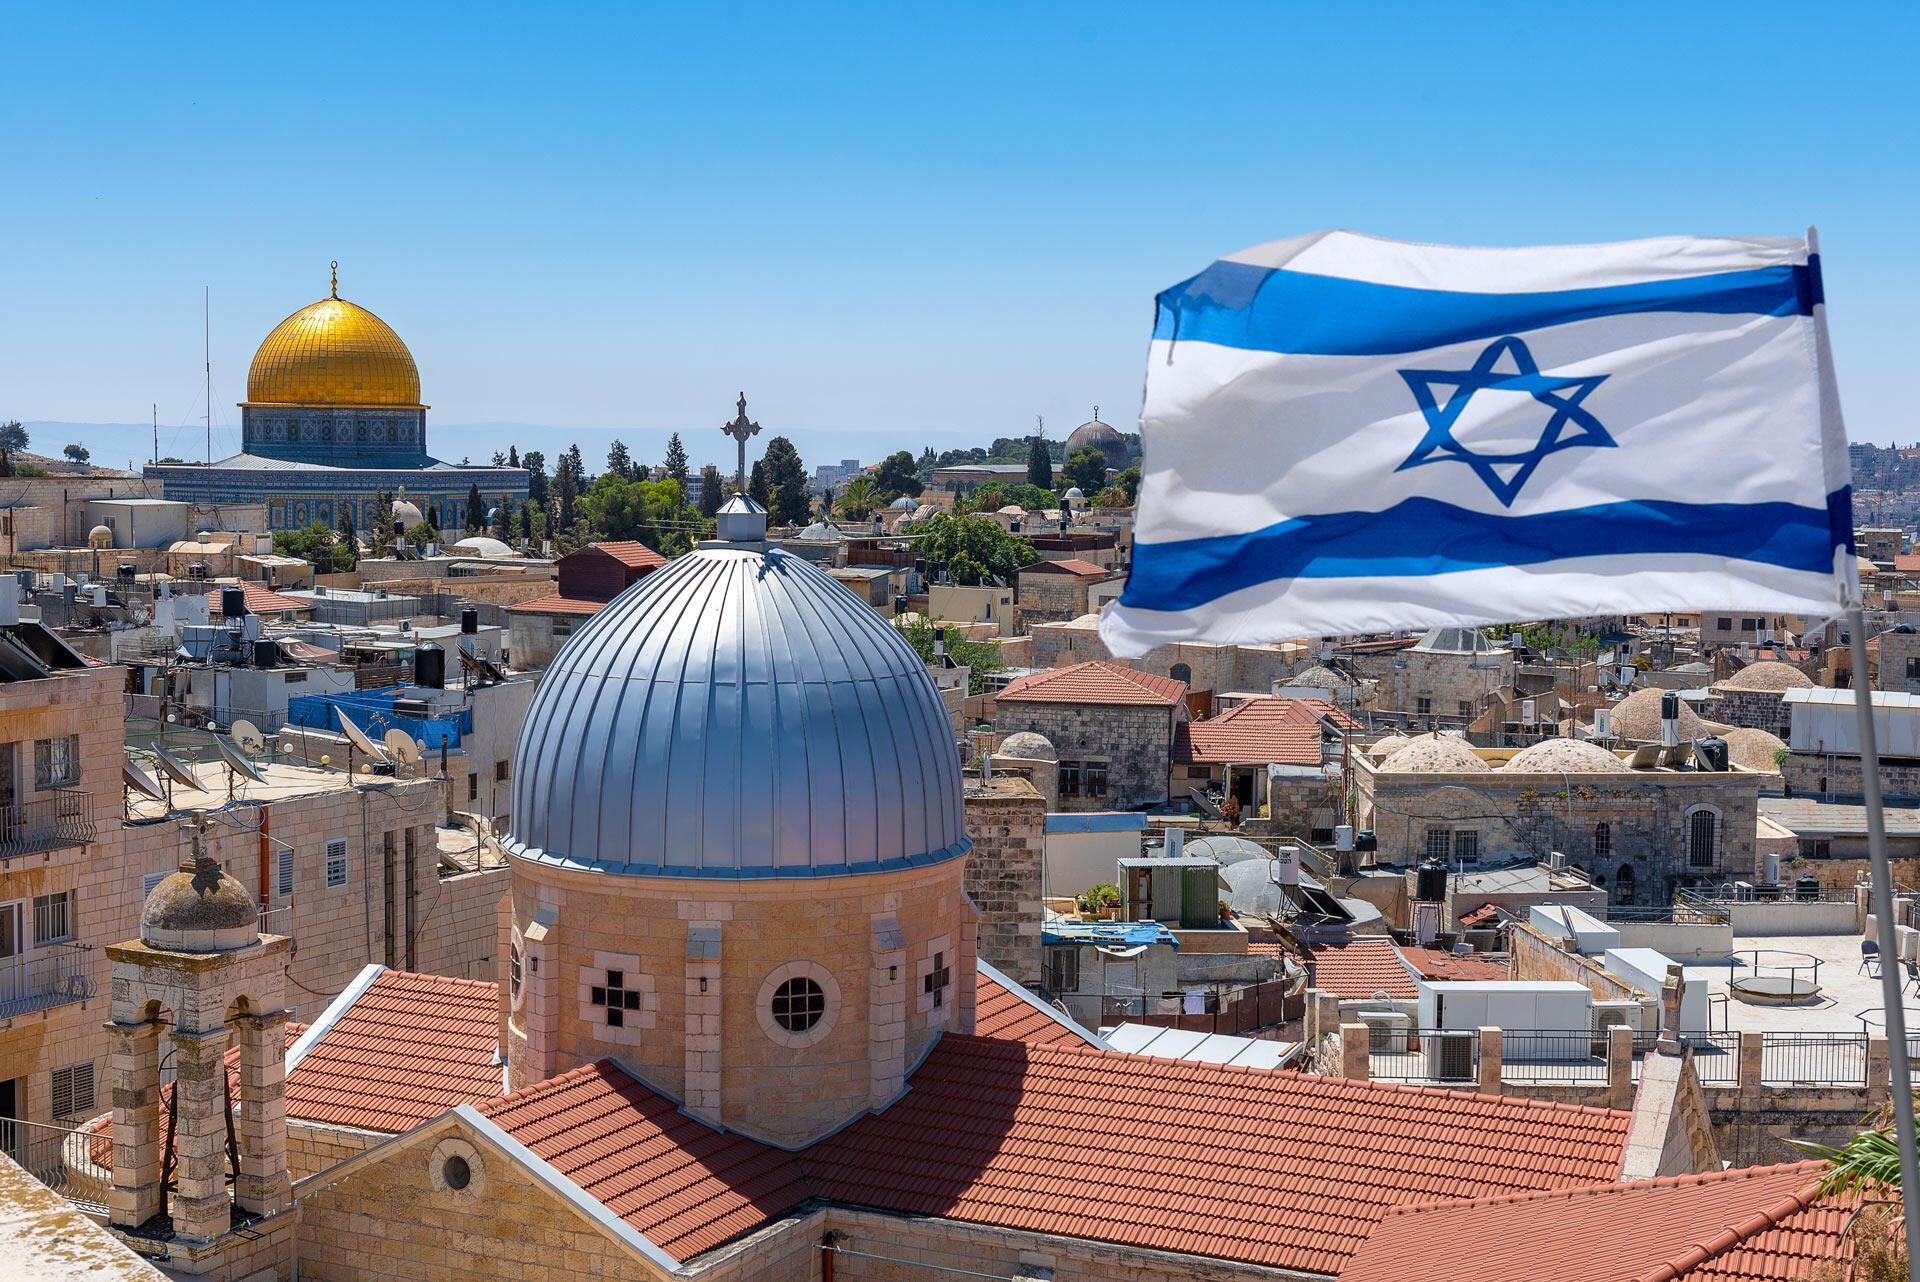 Un drapeau israélien flotte sur la ville de Jérusalem. La «Marche des drapeaux» qui se tient généralement en mai, a été reportée, mais elle n'aura finalement pas lieu ce jeudi 10 juin (image d'illustration).